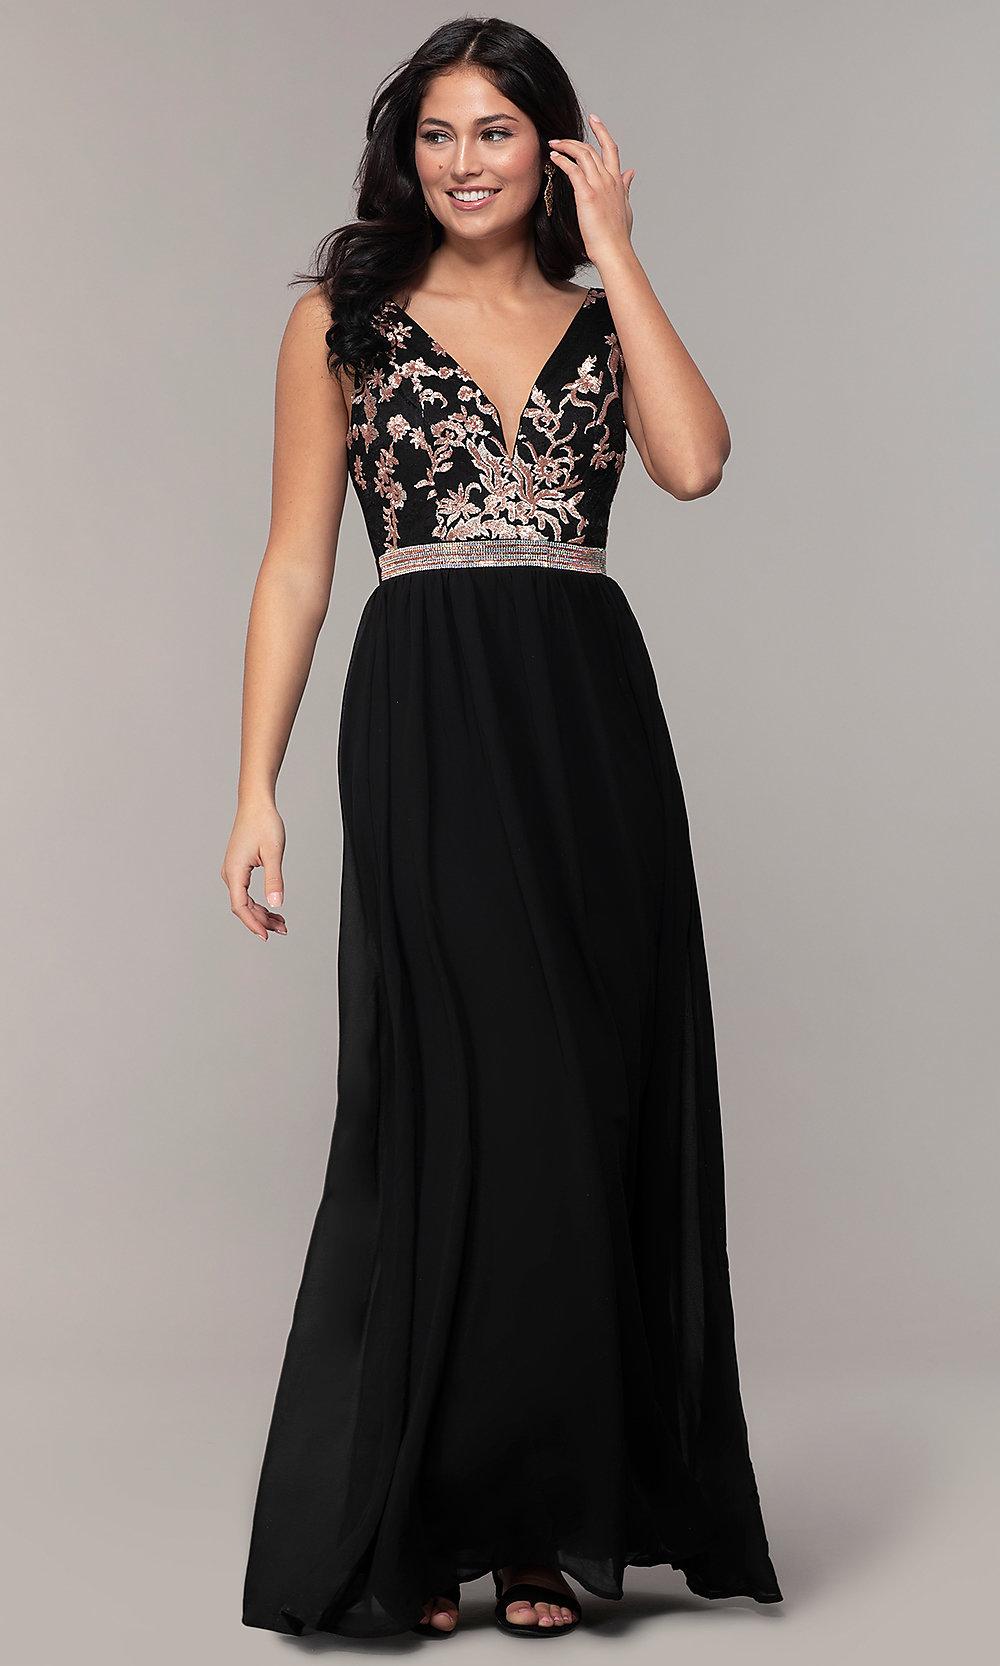 Long sequin embellished black prom dress